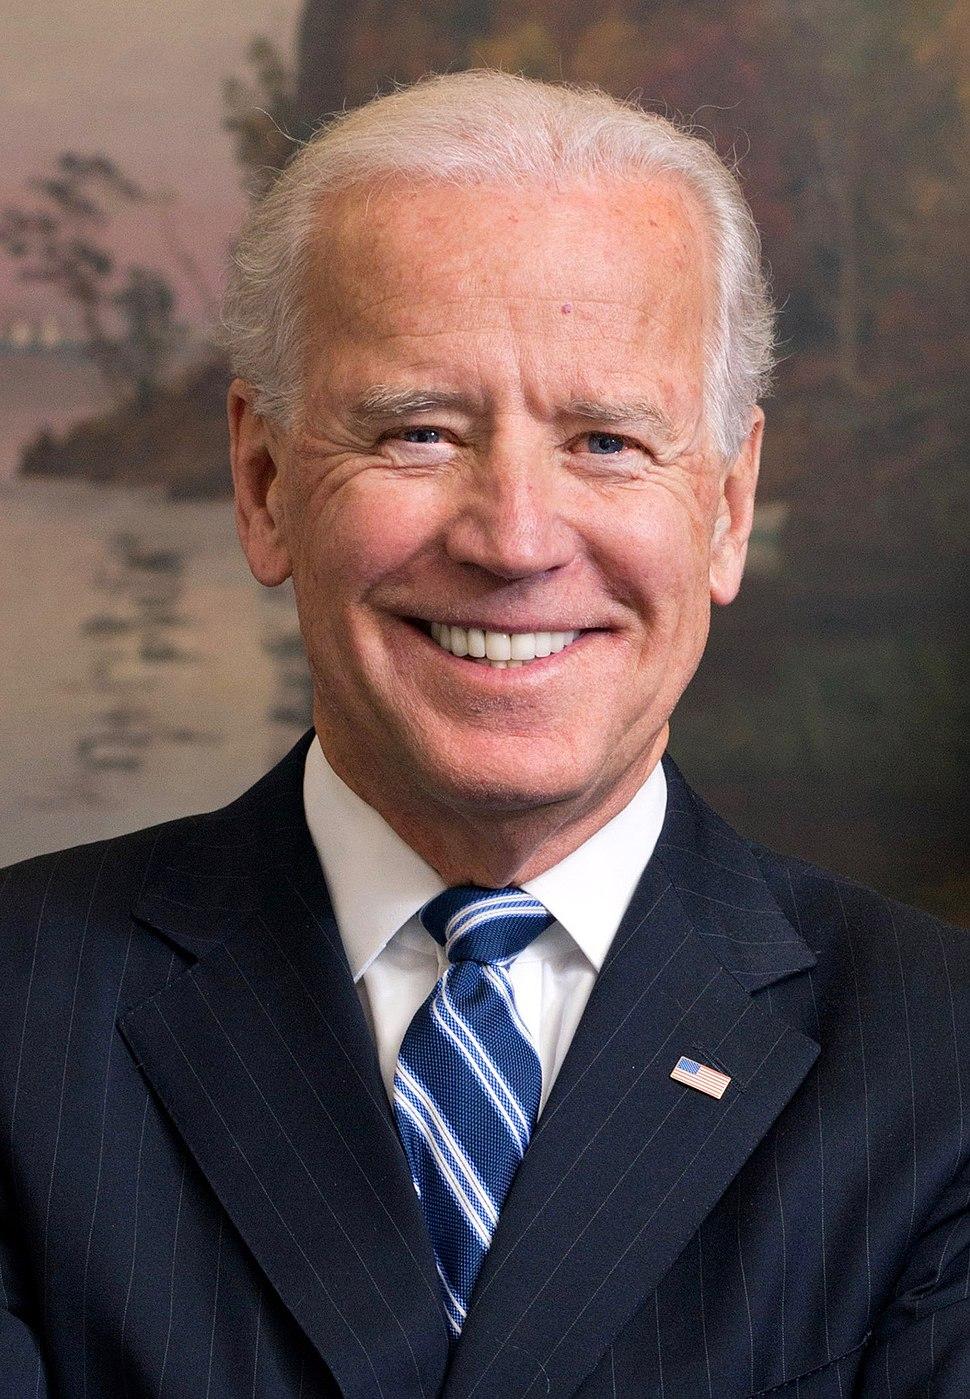 Biden 2013 (cropped)